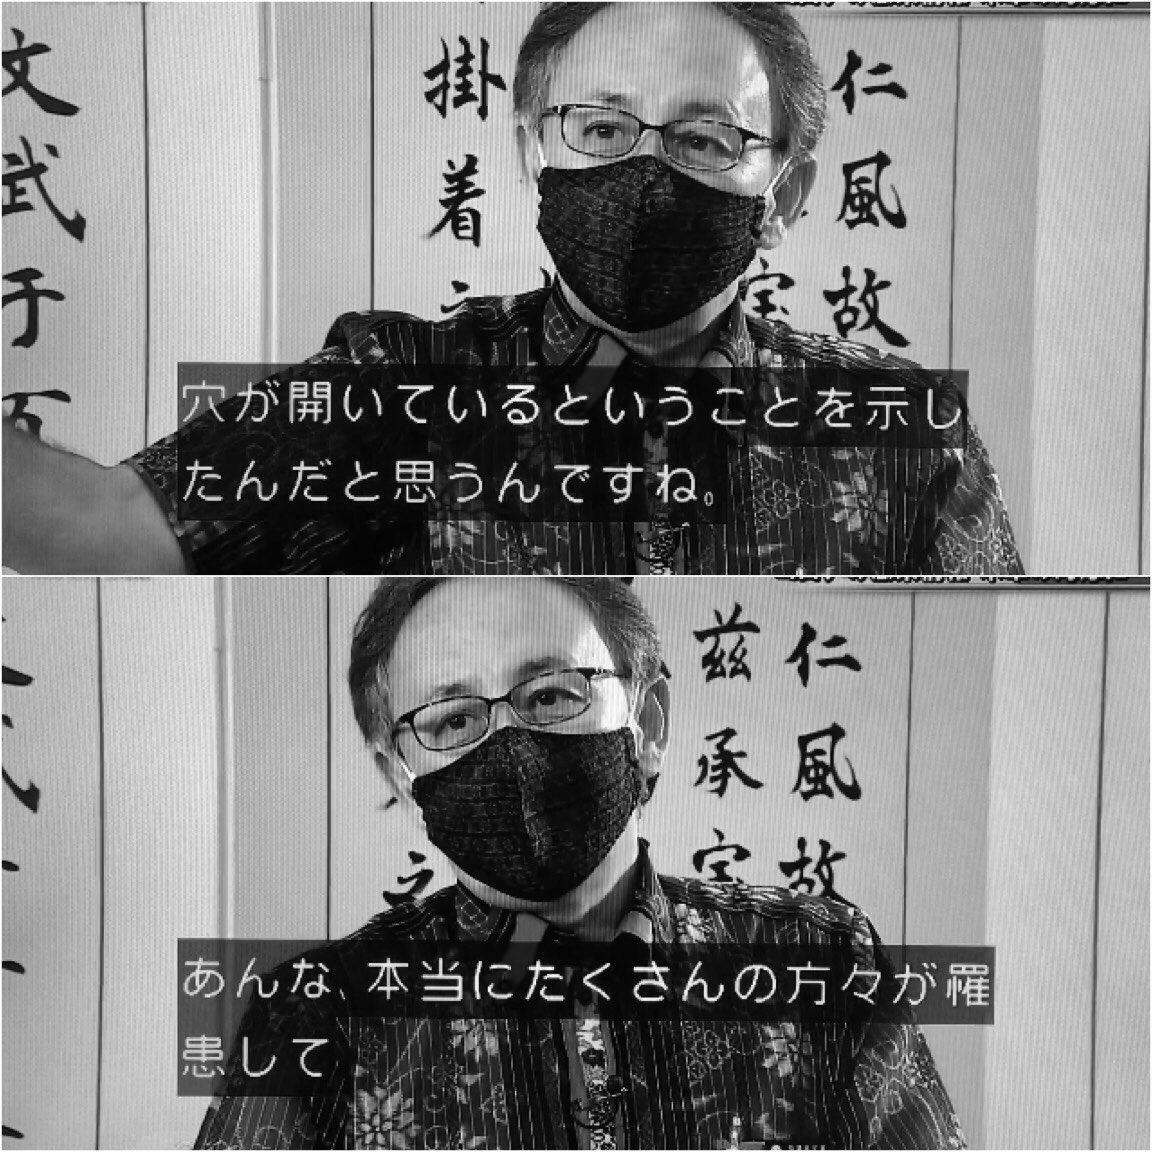 あんな本当に沢山の人が罹患して多くの死者まで出している国から、無防備で日本にやってきて沖縄に入れるということは、この日米安全保障体制に大きな人命損傷の穴が開いているということ」